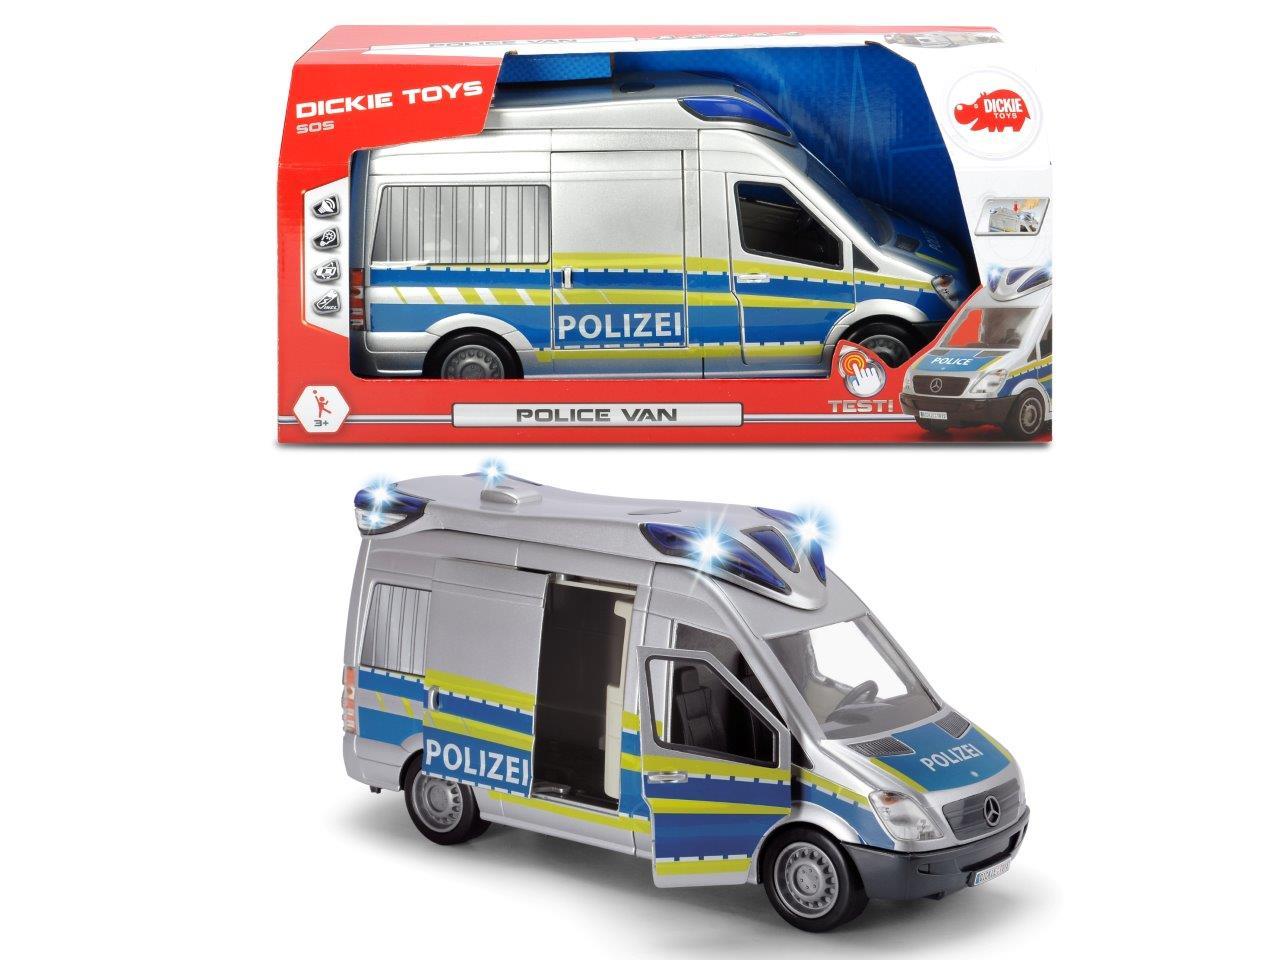 Police Van Einsatzfahrzeuge